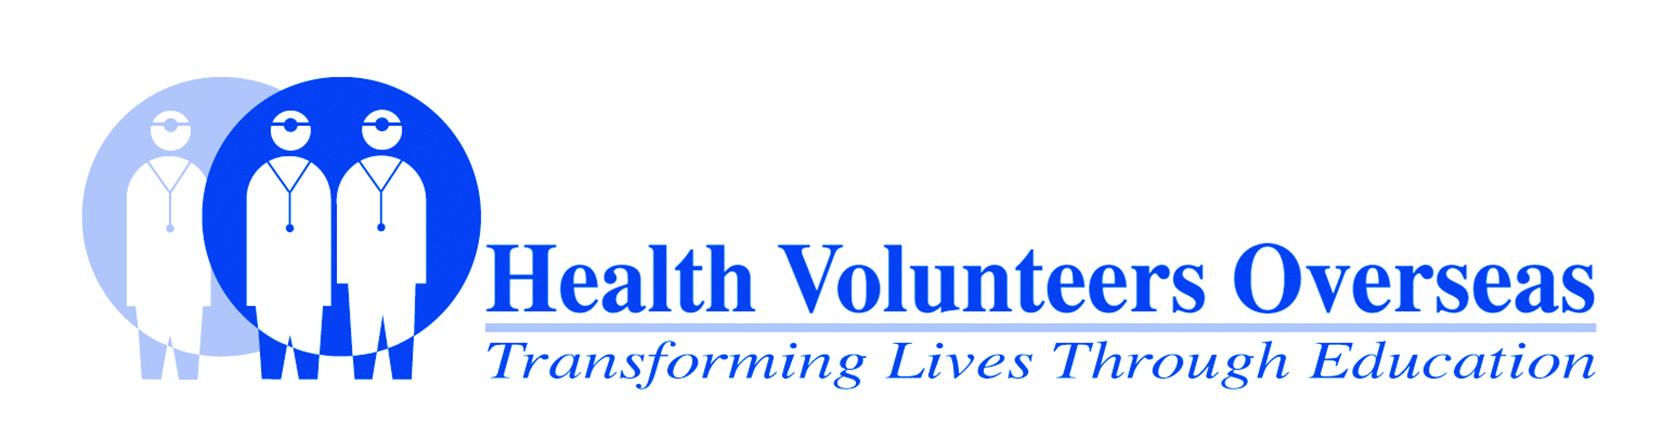 HVO logo.jpg